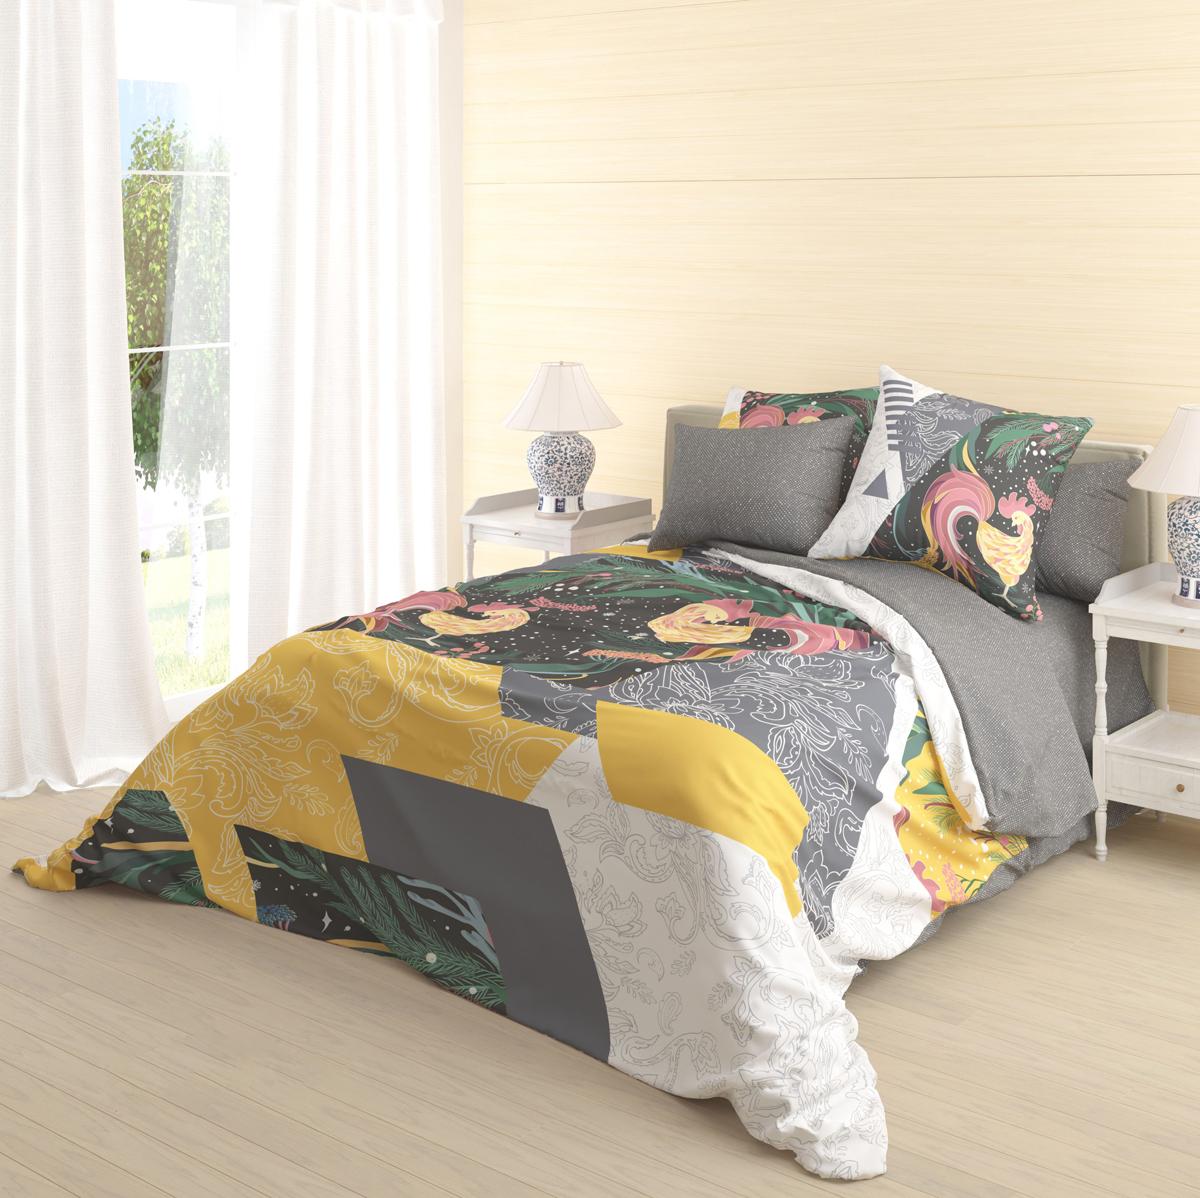 Комплект белья Волшебная ночь Zarya, 2-спальный, наволочки 50х70 см718619